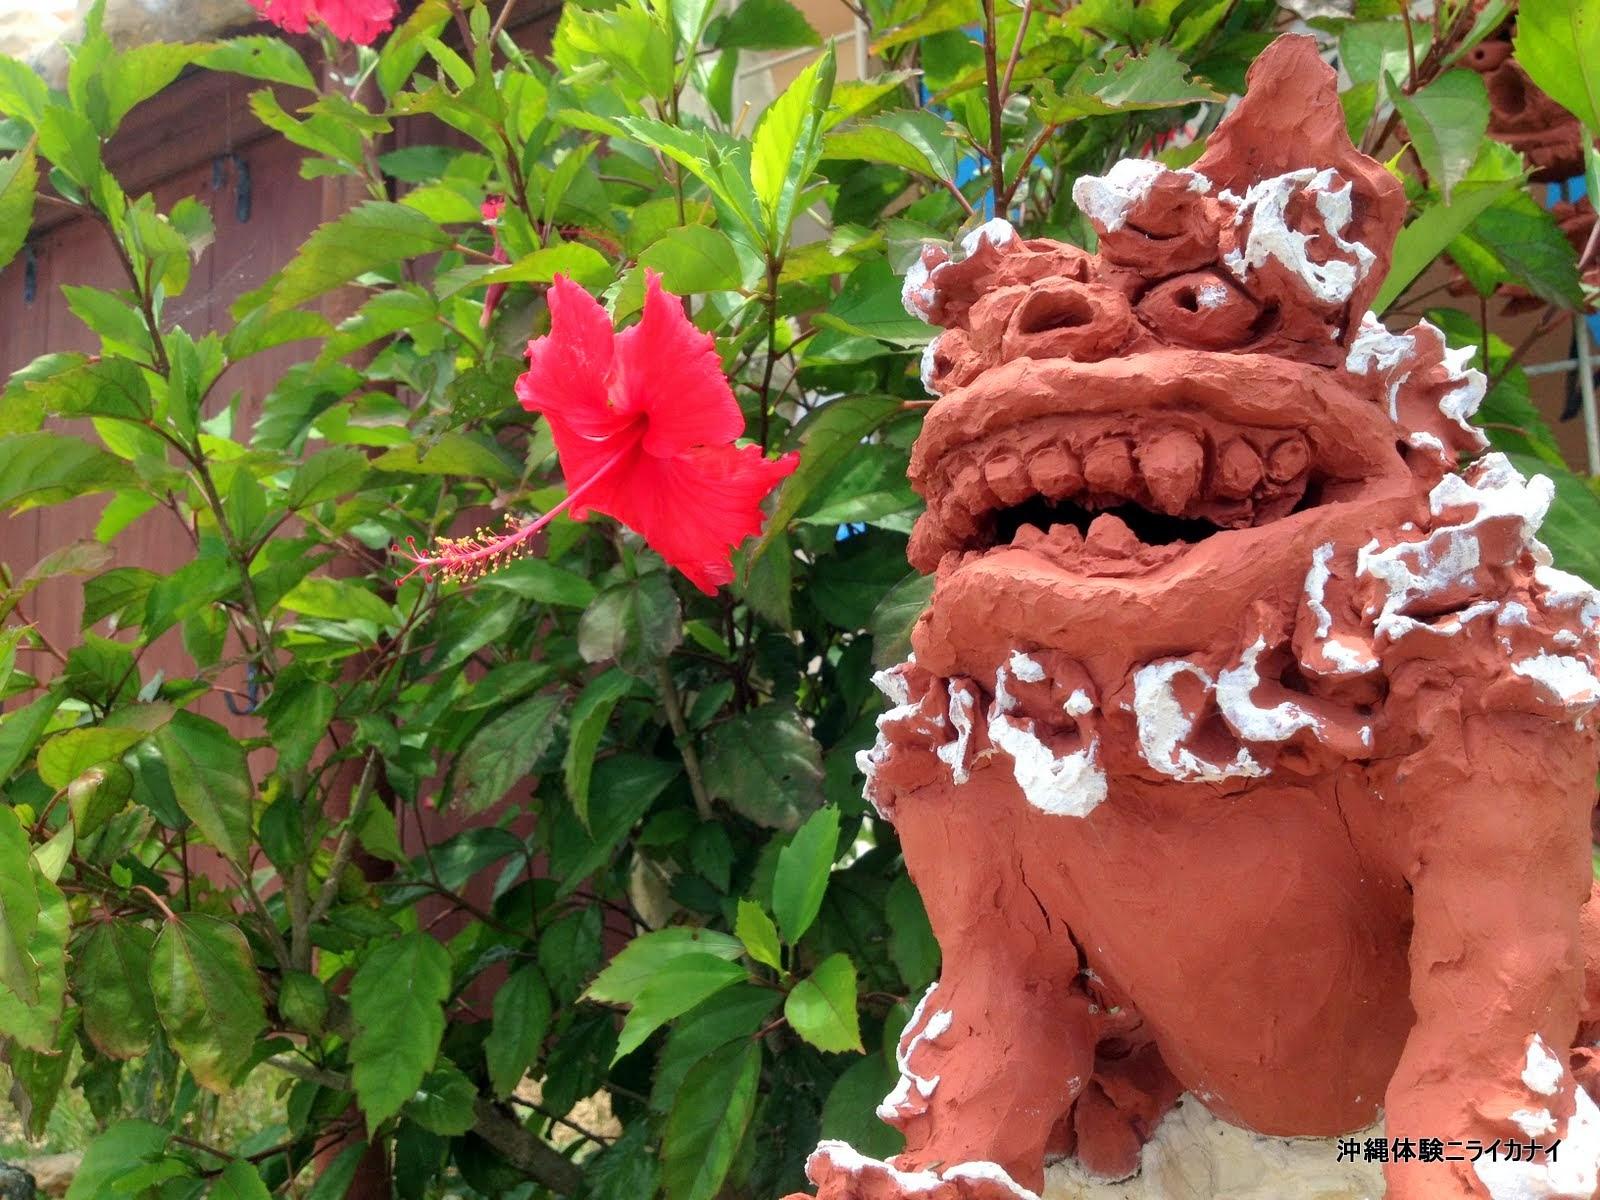 体験/観光 サトウキビ 沖縄家族旅行 夏休み 宿題